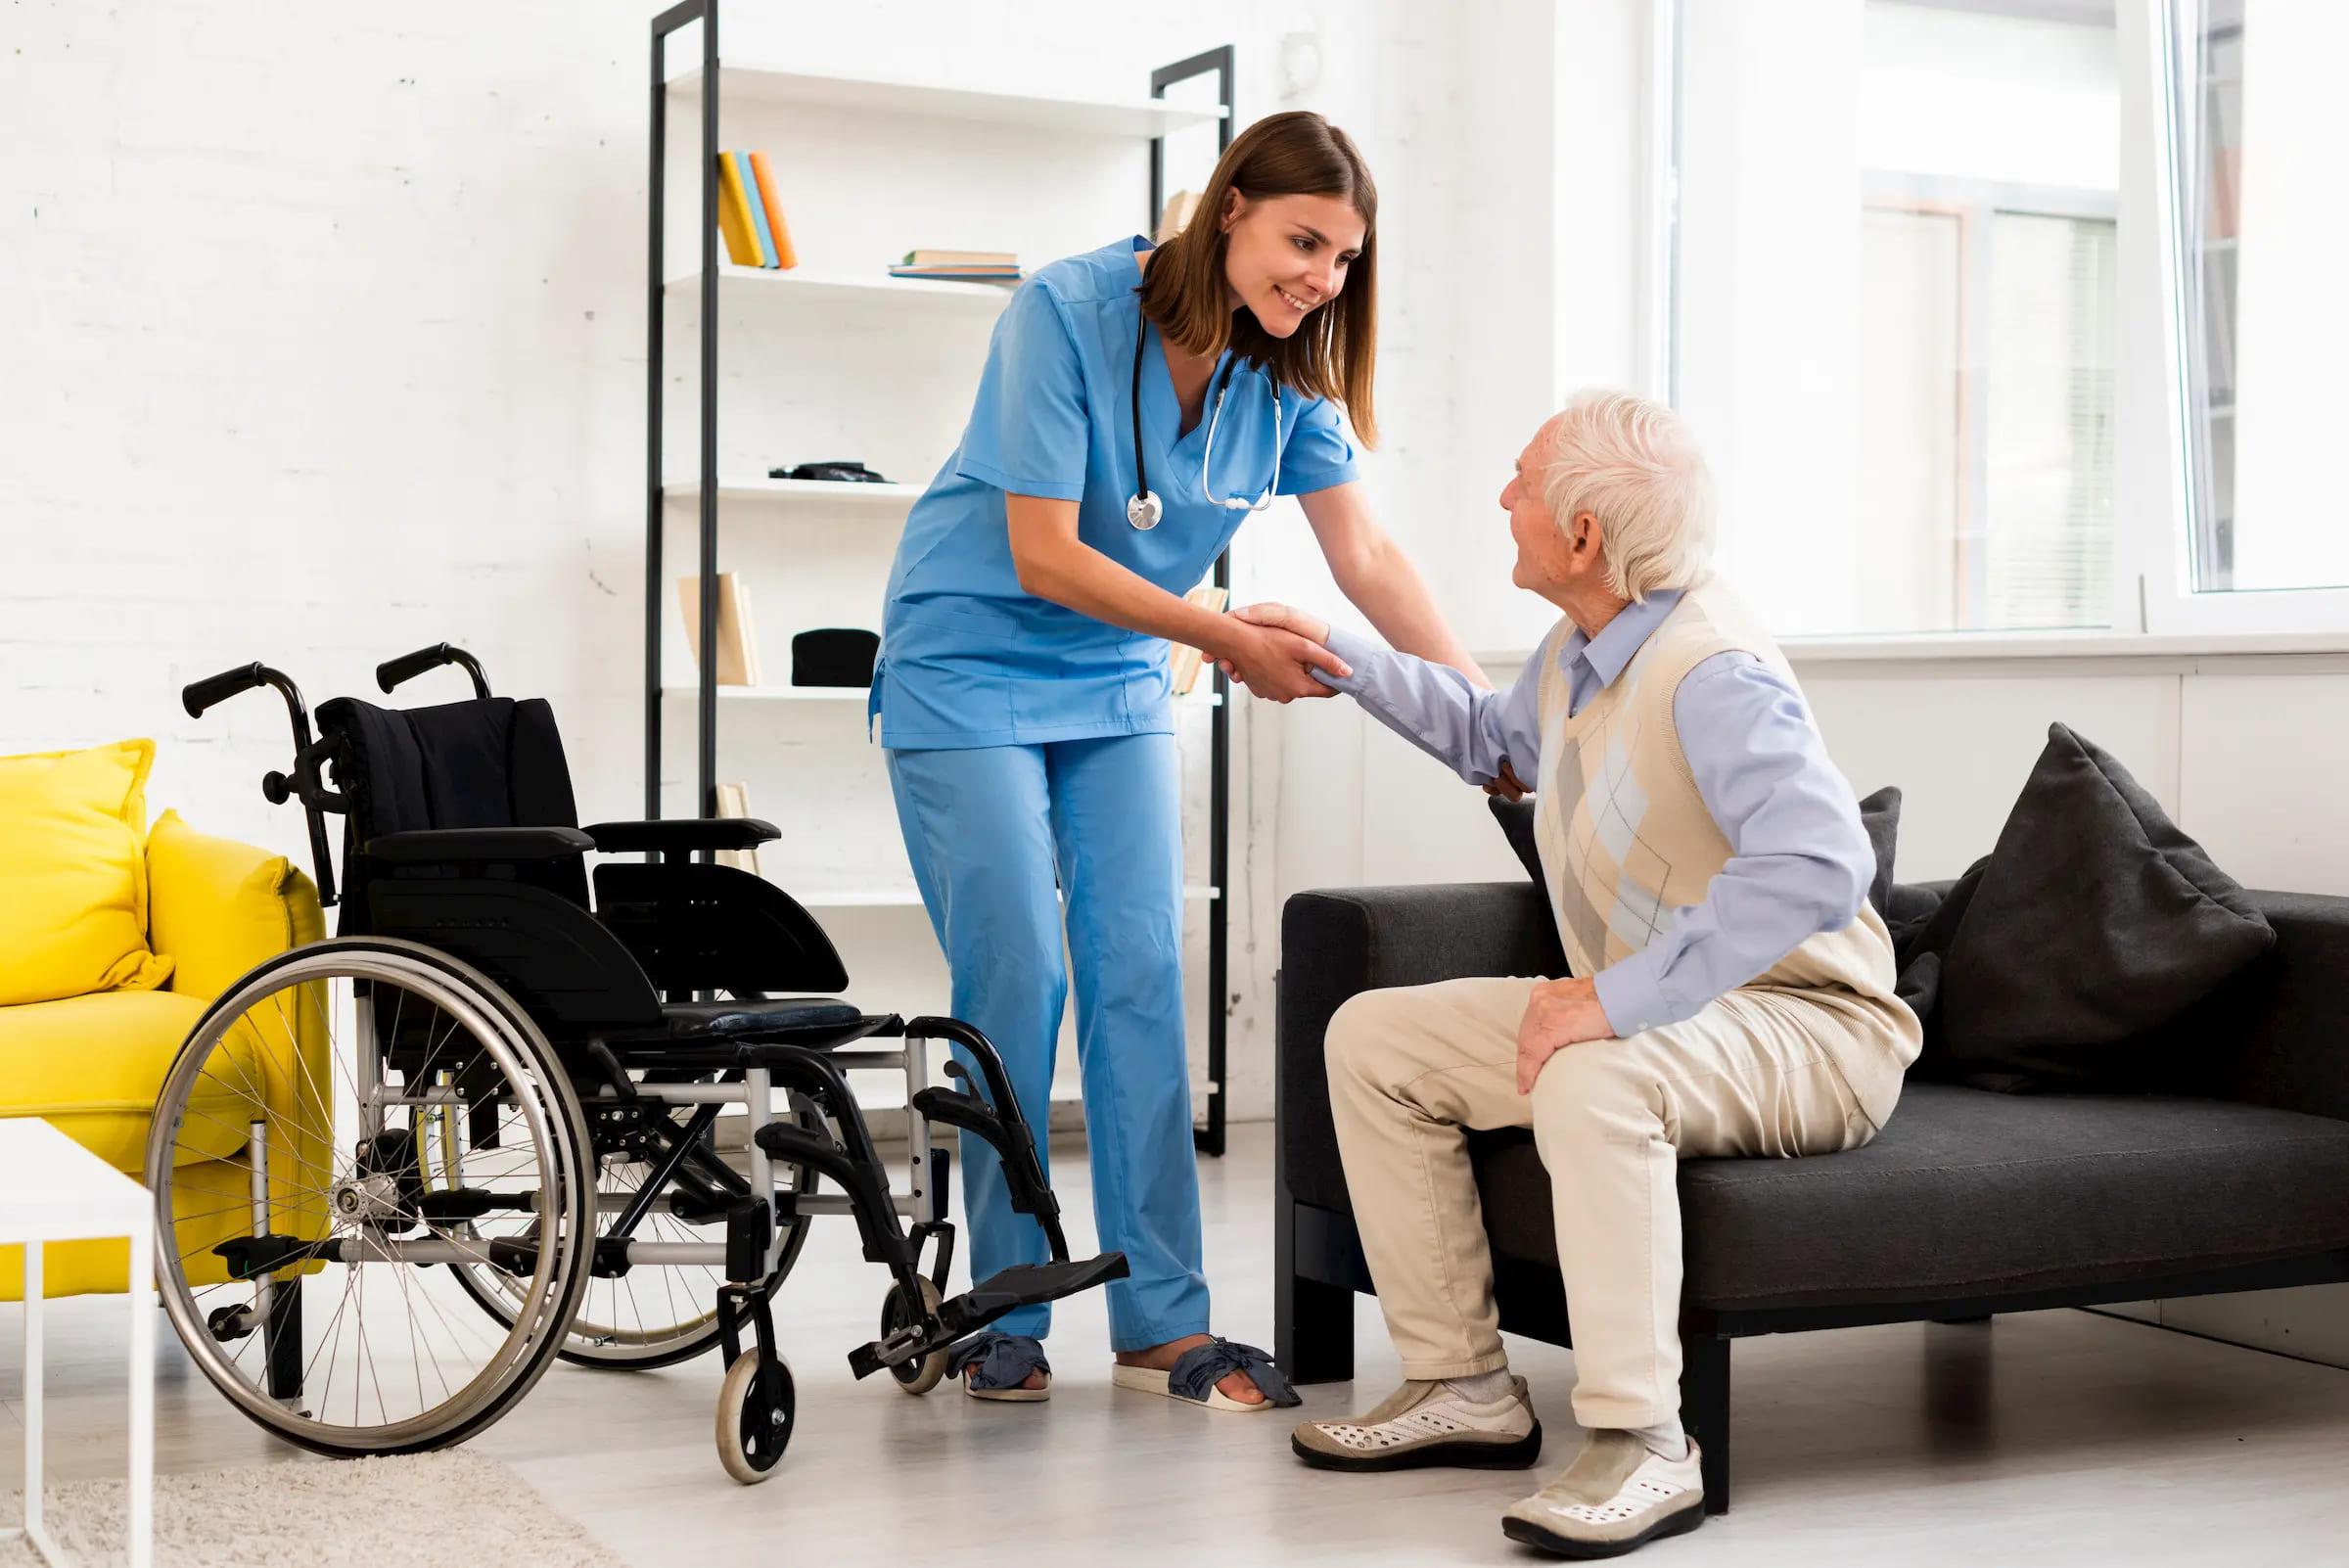 Медыцынская рэабілітацыя. Што робіцца для інвалідаў.